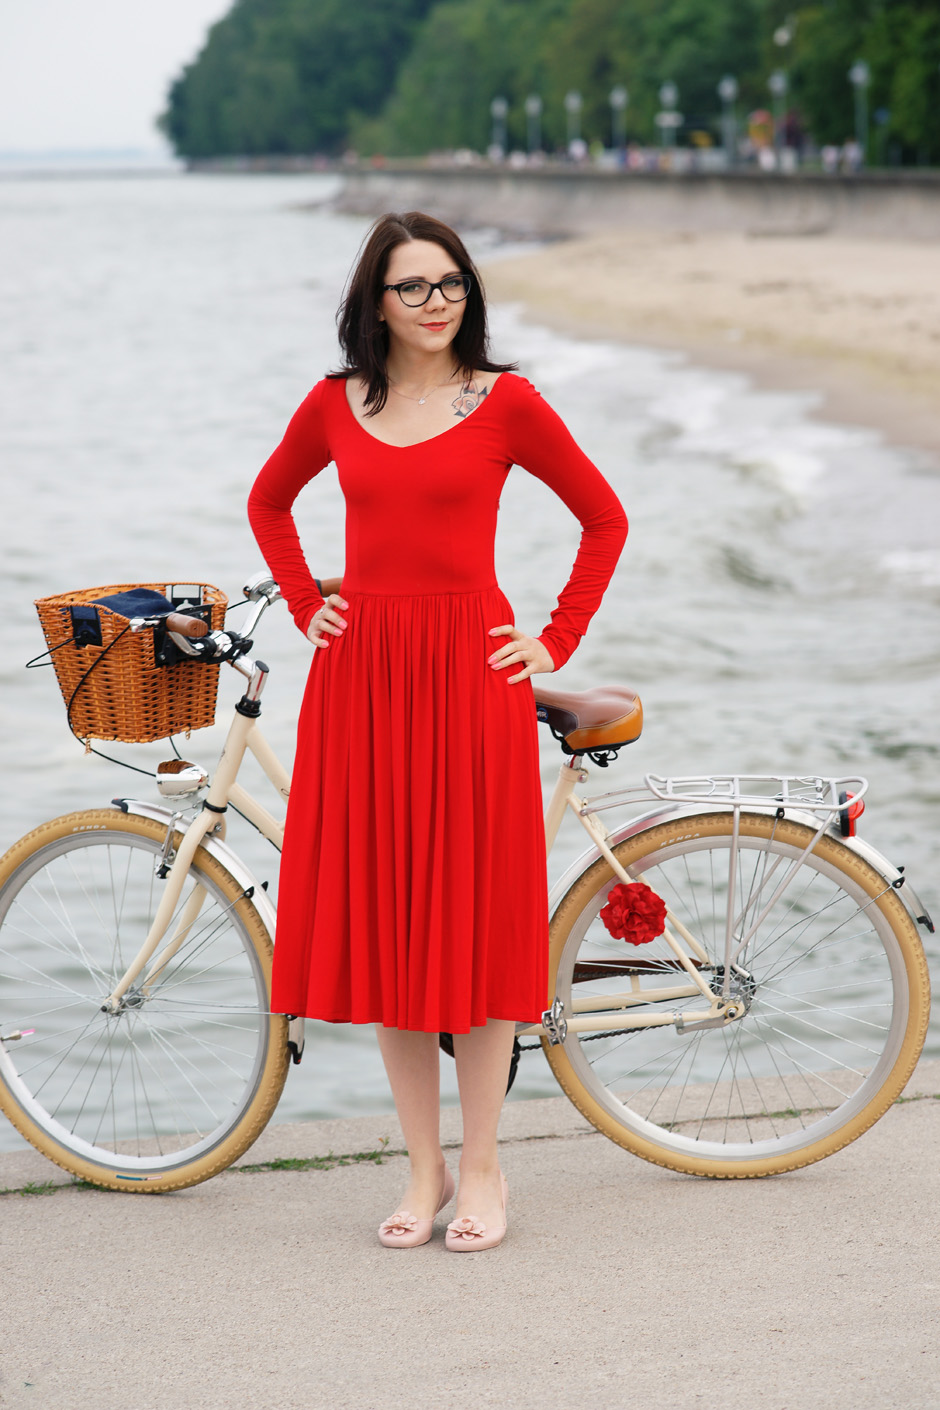 sukienka czerwona risk made in warsaw gotowa na wszystko, pudrowo różowe zaxy (10)